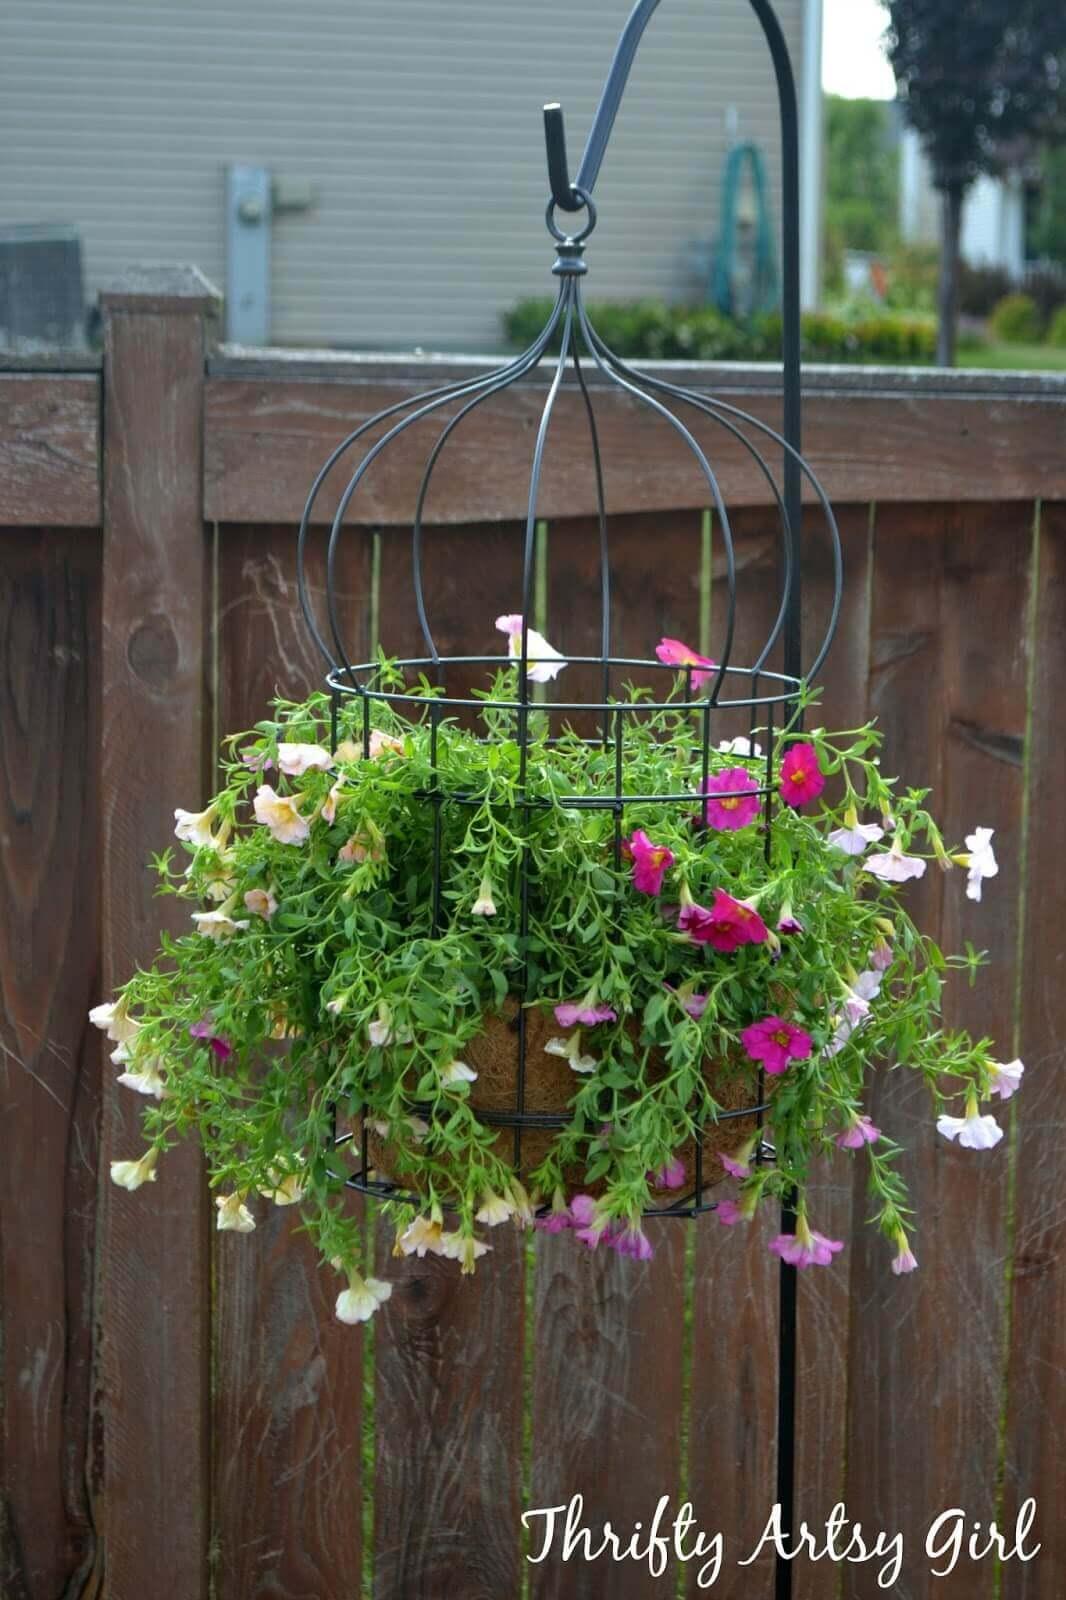 Piante sospese per decorare il giardino! Ecco 20 esempi a cui ispirarsi...